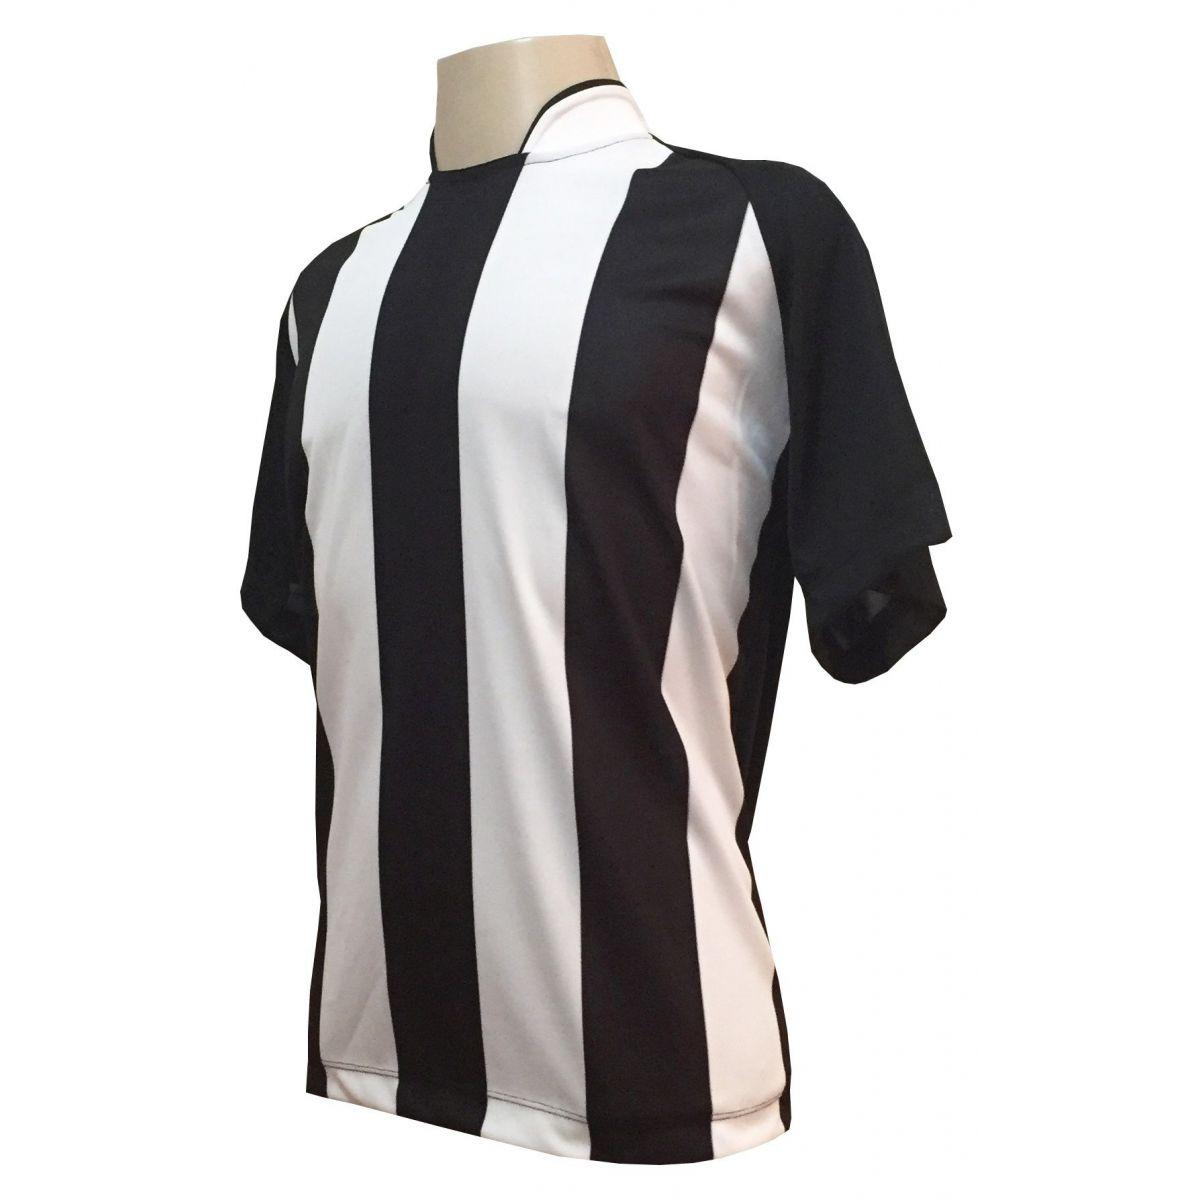 Jogo de Camisa com 18 unidades modelo Milan Preto/Branco + Brindes